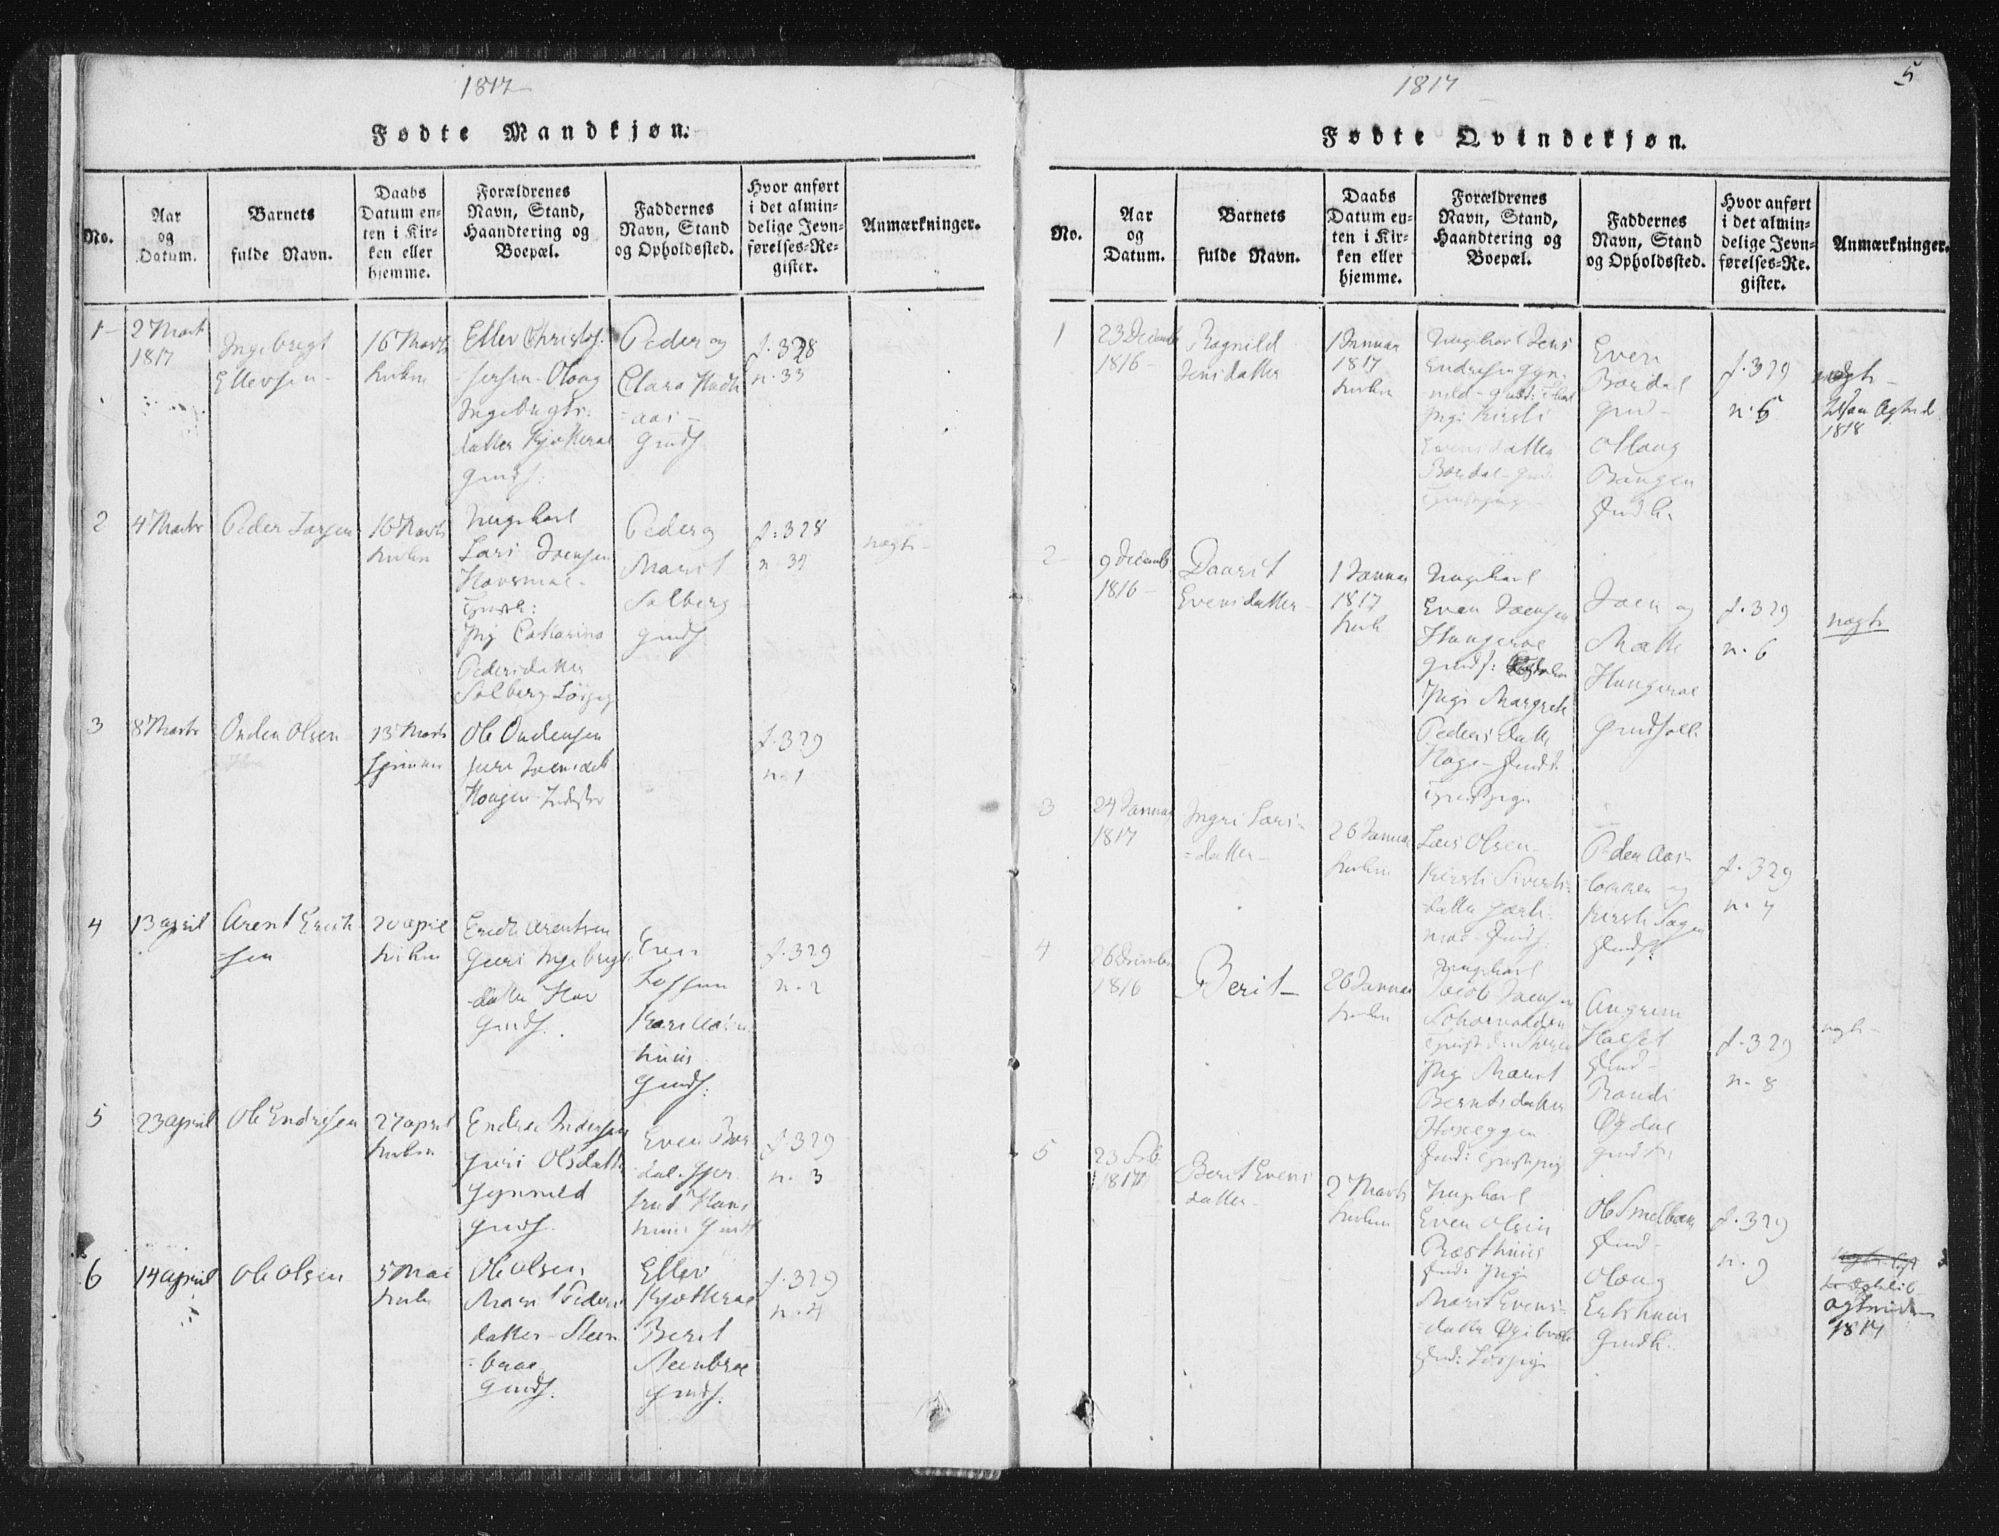 SAT, Ministerialprotokoller, klokkerbøker og fødselsregistre - Sør-Trøndelag, 689/L1037: Ministerialbok nr. 689A02, 1816-1842, s. 5